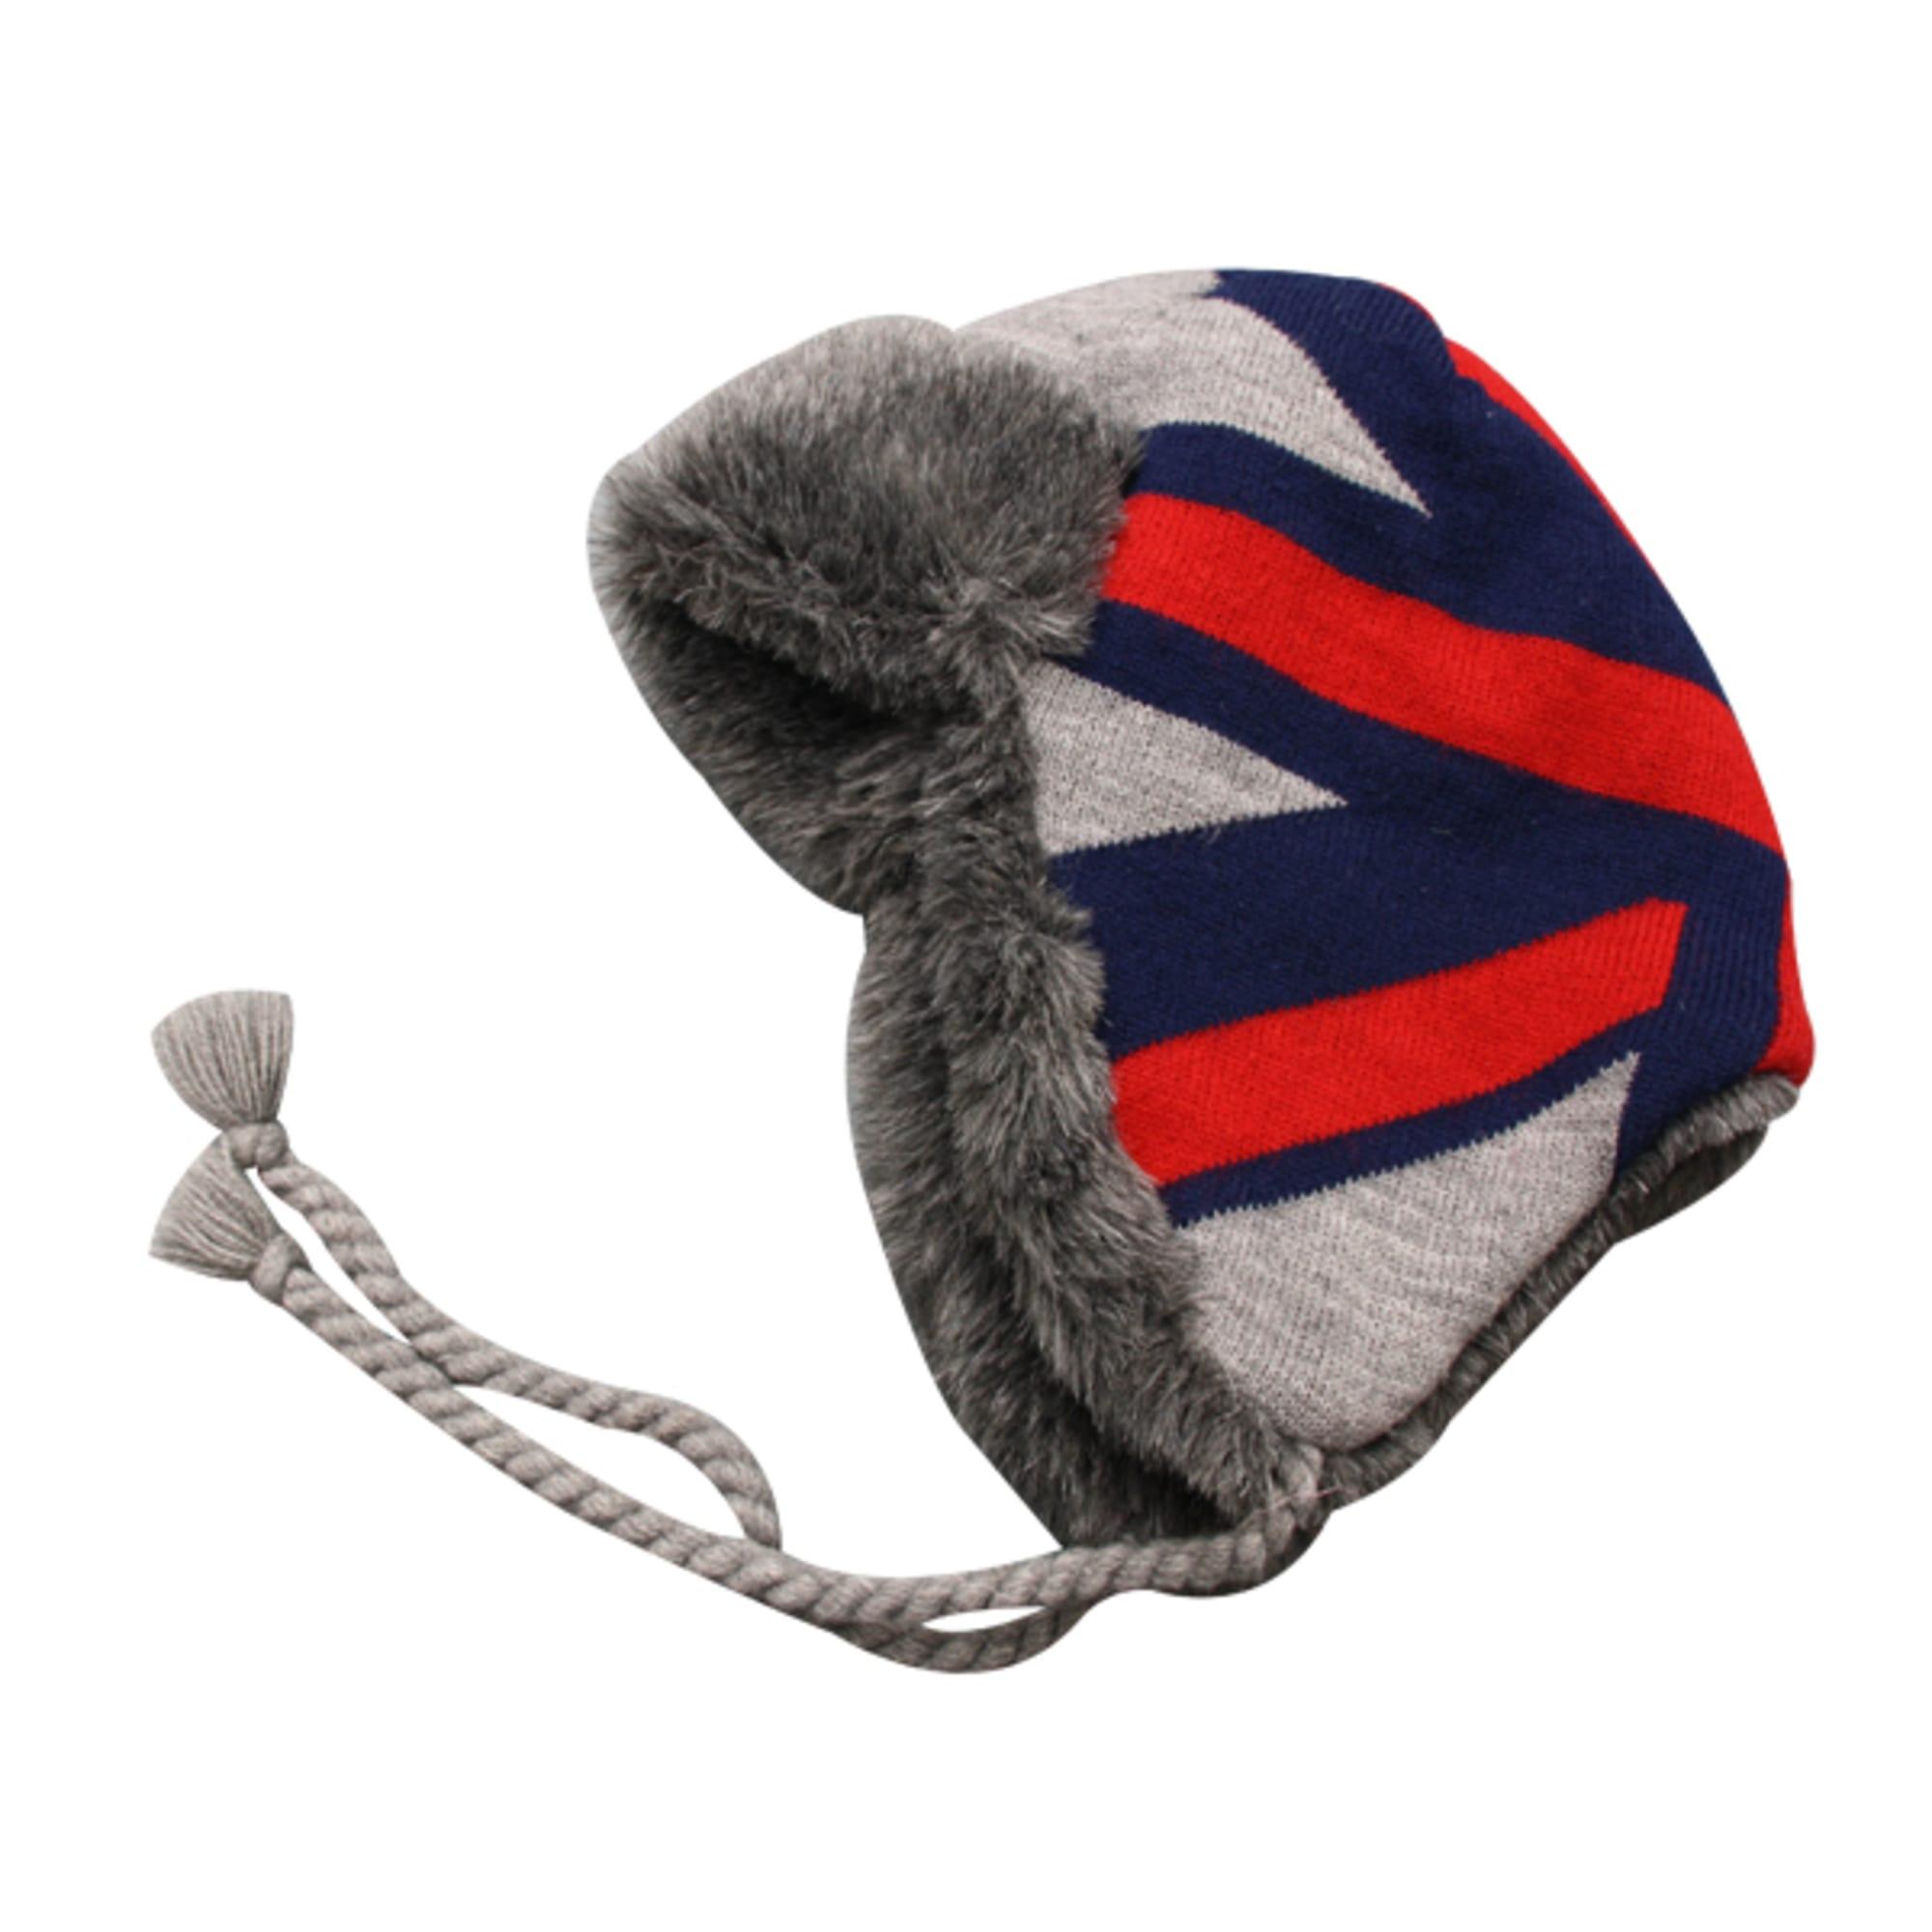 b48ed9666a41 Bonnet PEPE JEANS 13-14 ans gris . drapeau anglais - 2653979